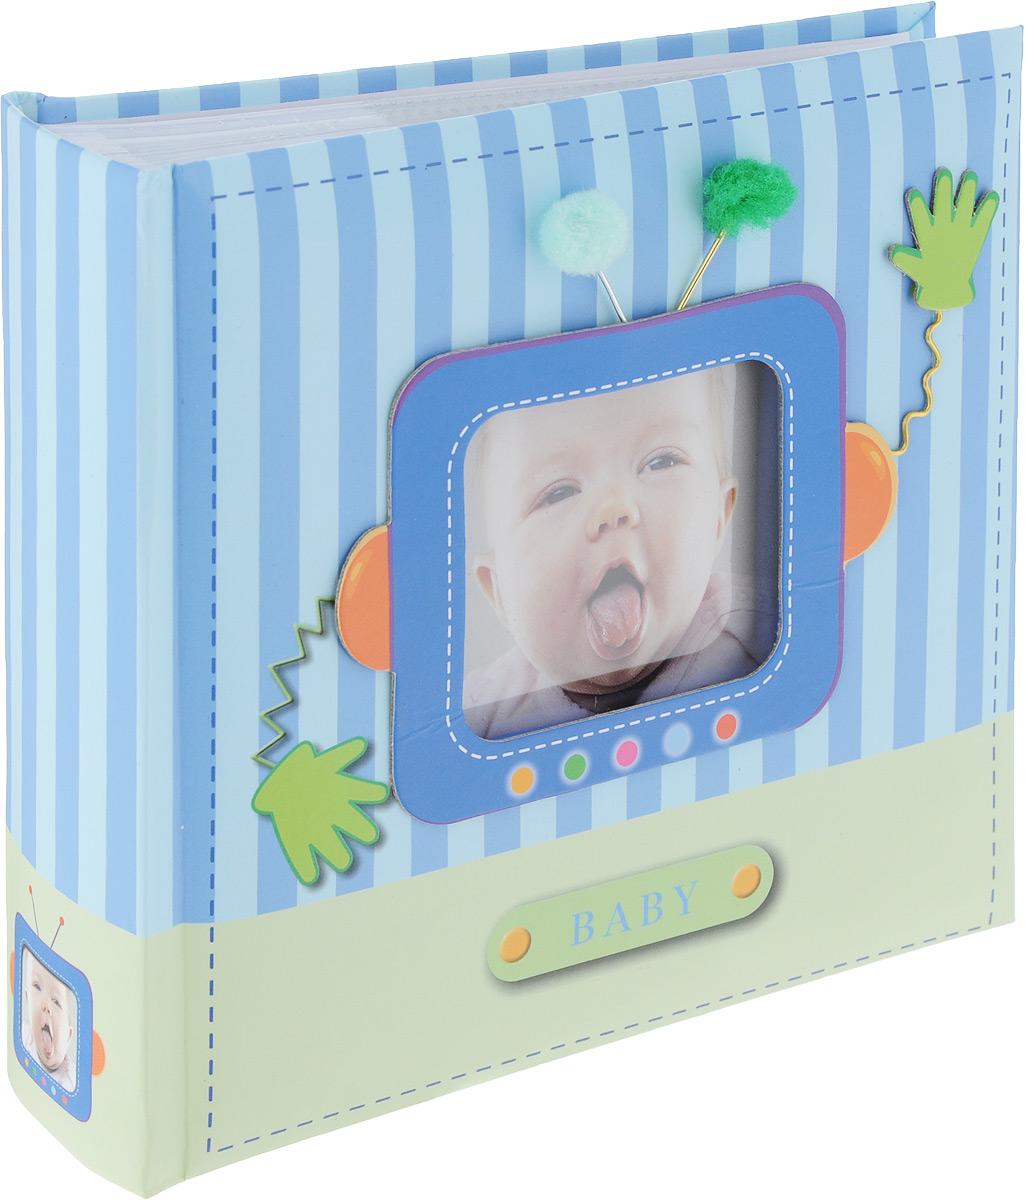 ФотоальбомImage Art -100 10x15 (BBM46100/1) серия 038 детский, цвет: голубой5055398693698Фотоальбом Image Art Baby поможет красиво оформить фотографии вашего малыша. Обложка выполнена из толстого картона. С лицевой стороны обложки имеется квадратное окошко для вашей самой любимой фотографии. Внутри содержится блок из 50 белых листов с фиксаторами-окошками из полипропилена. Альбом рассчитан на 100 фотографий формата 10 см х 15 см. Для фотографий предусмотрено поле для записей. Переплет - книжный. Нам всегда так приятно вспоминать о самых счастливых моментах жизни, запечатленных на фотографиях. Поэтому фотоальбом является универсальным подарком к любому празднику.Материал: картон, бумага, полипропилен.Количество листов: 50.Размер фотографии: 10 см х 15 см.